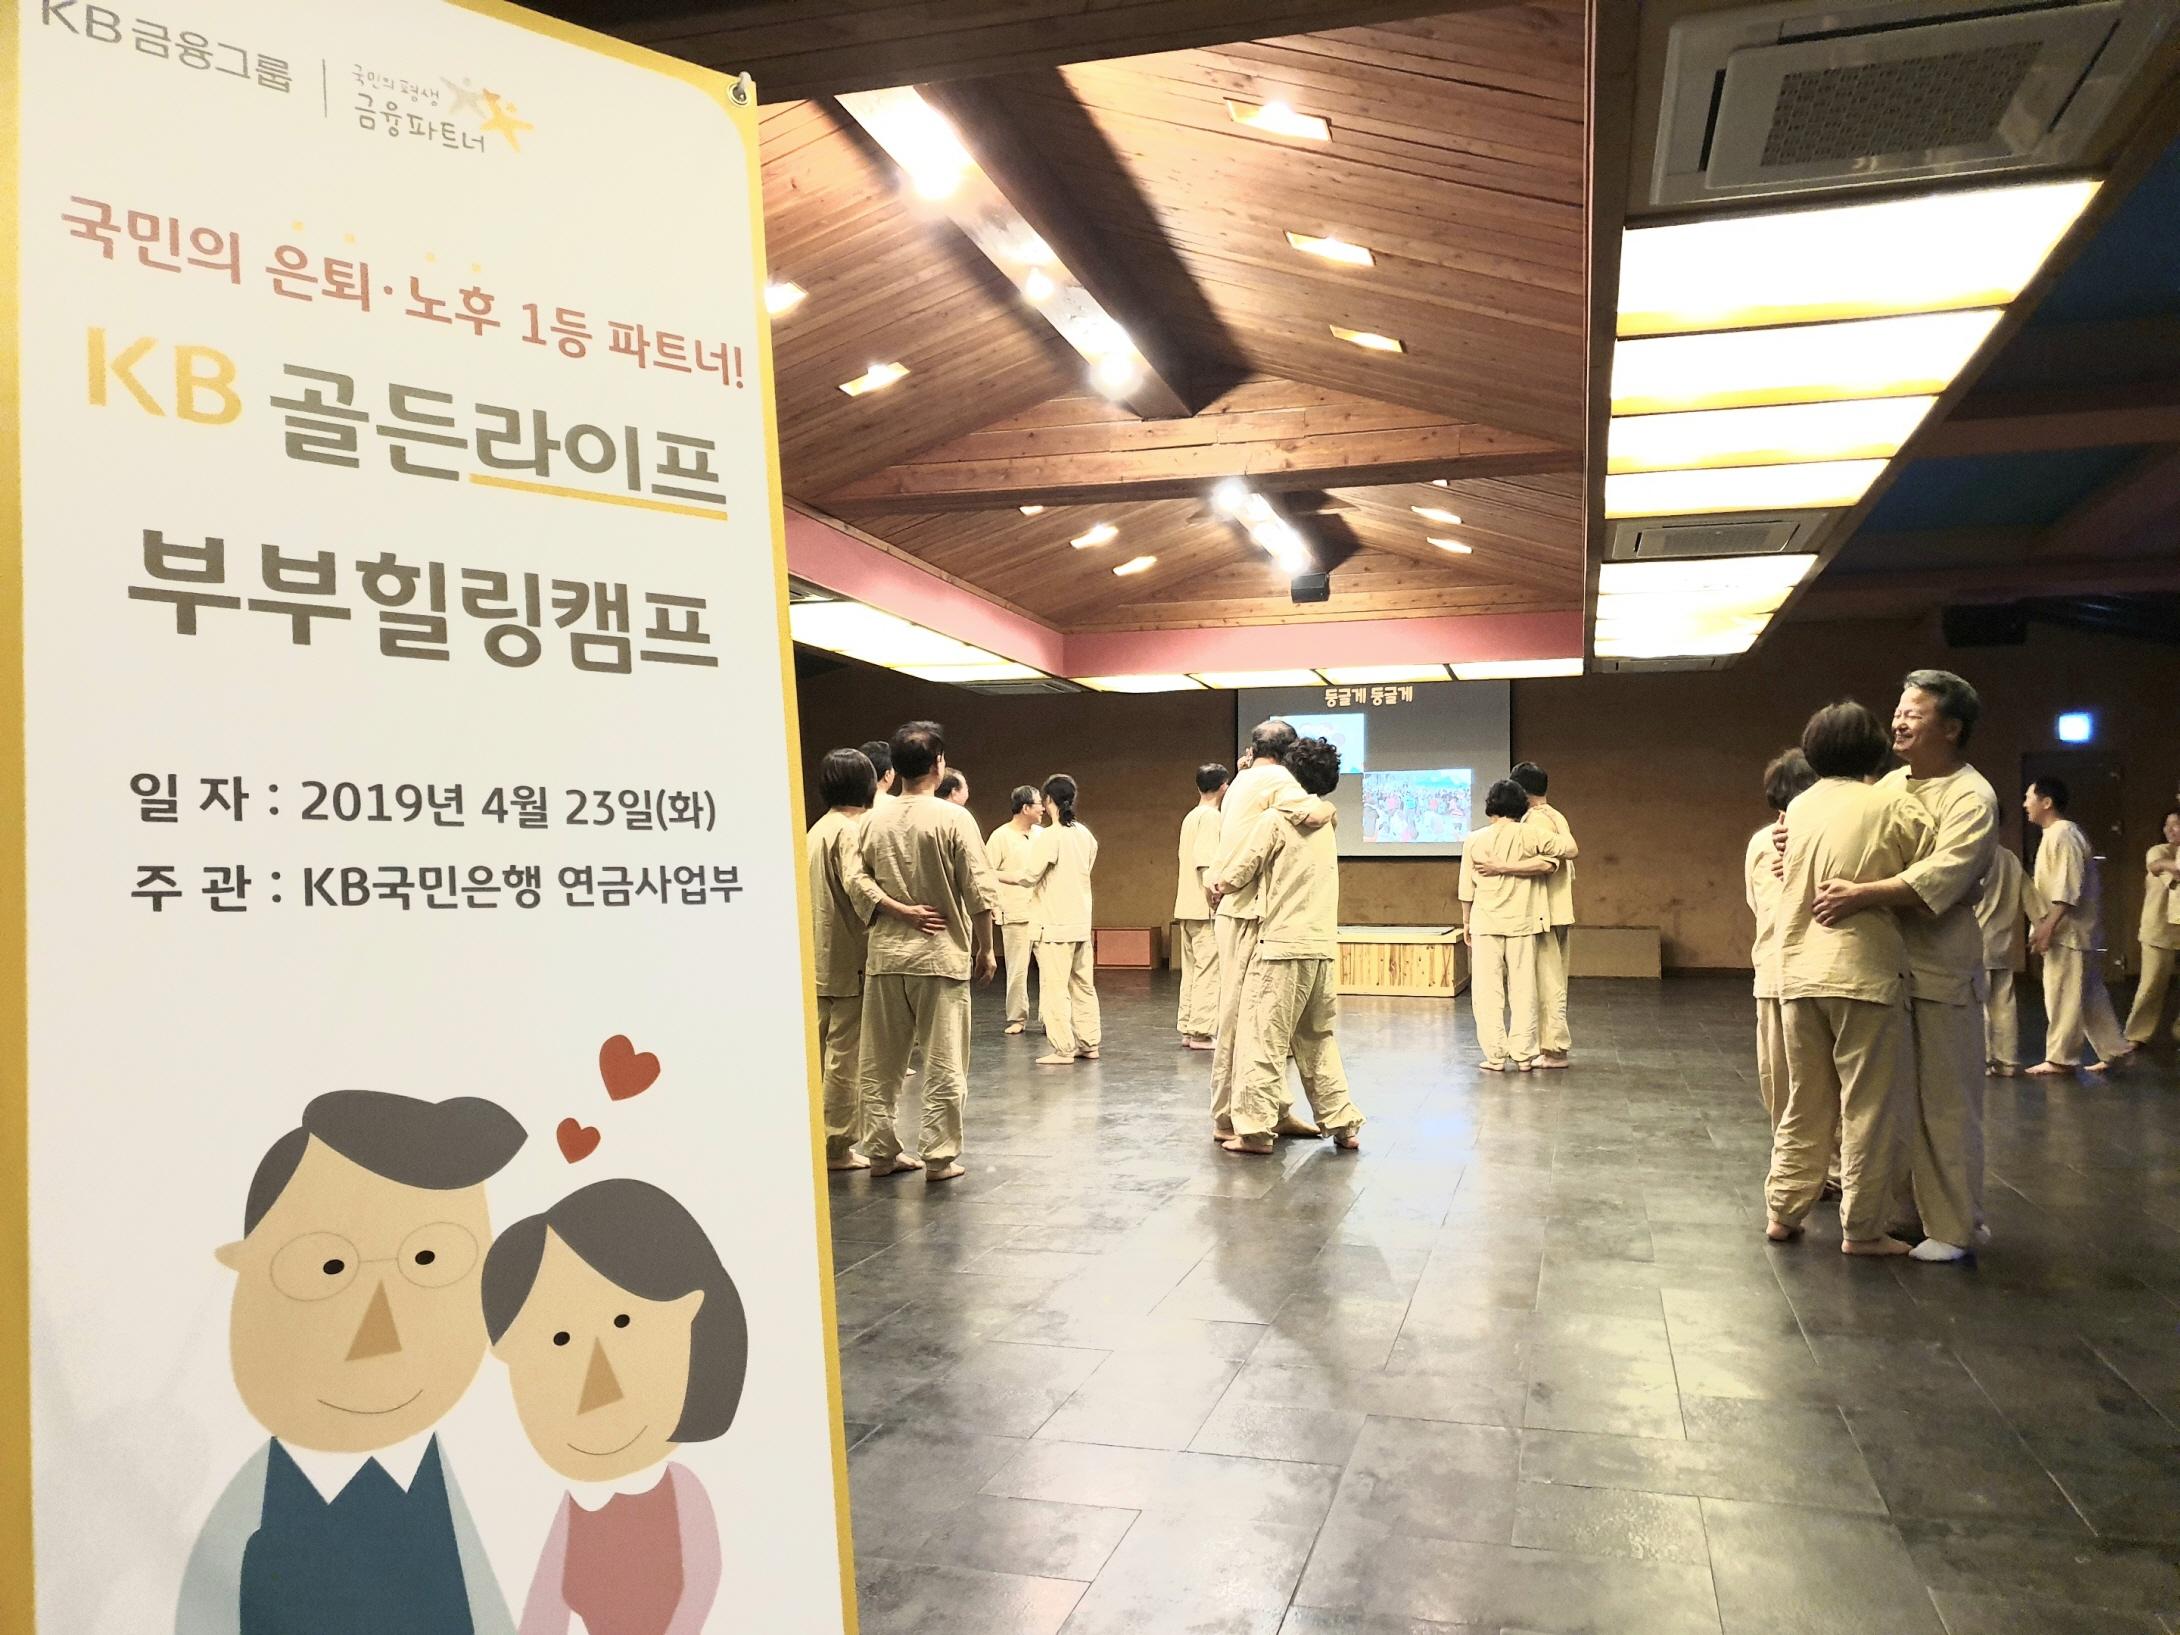 KB국민은행, 『KB골든라이프 부부힐링캠프』개최